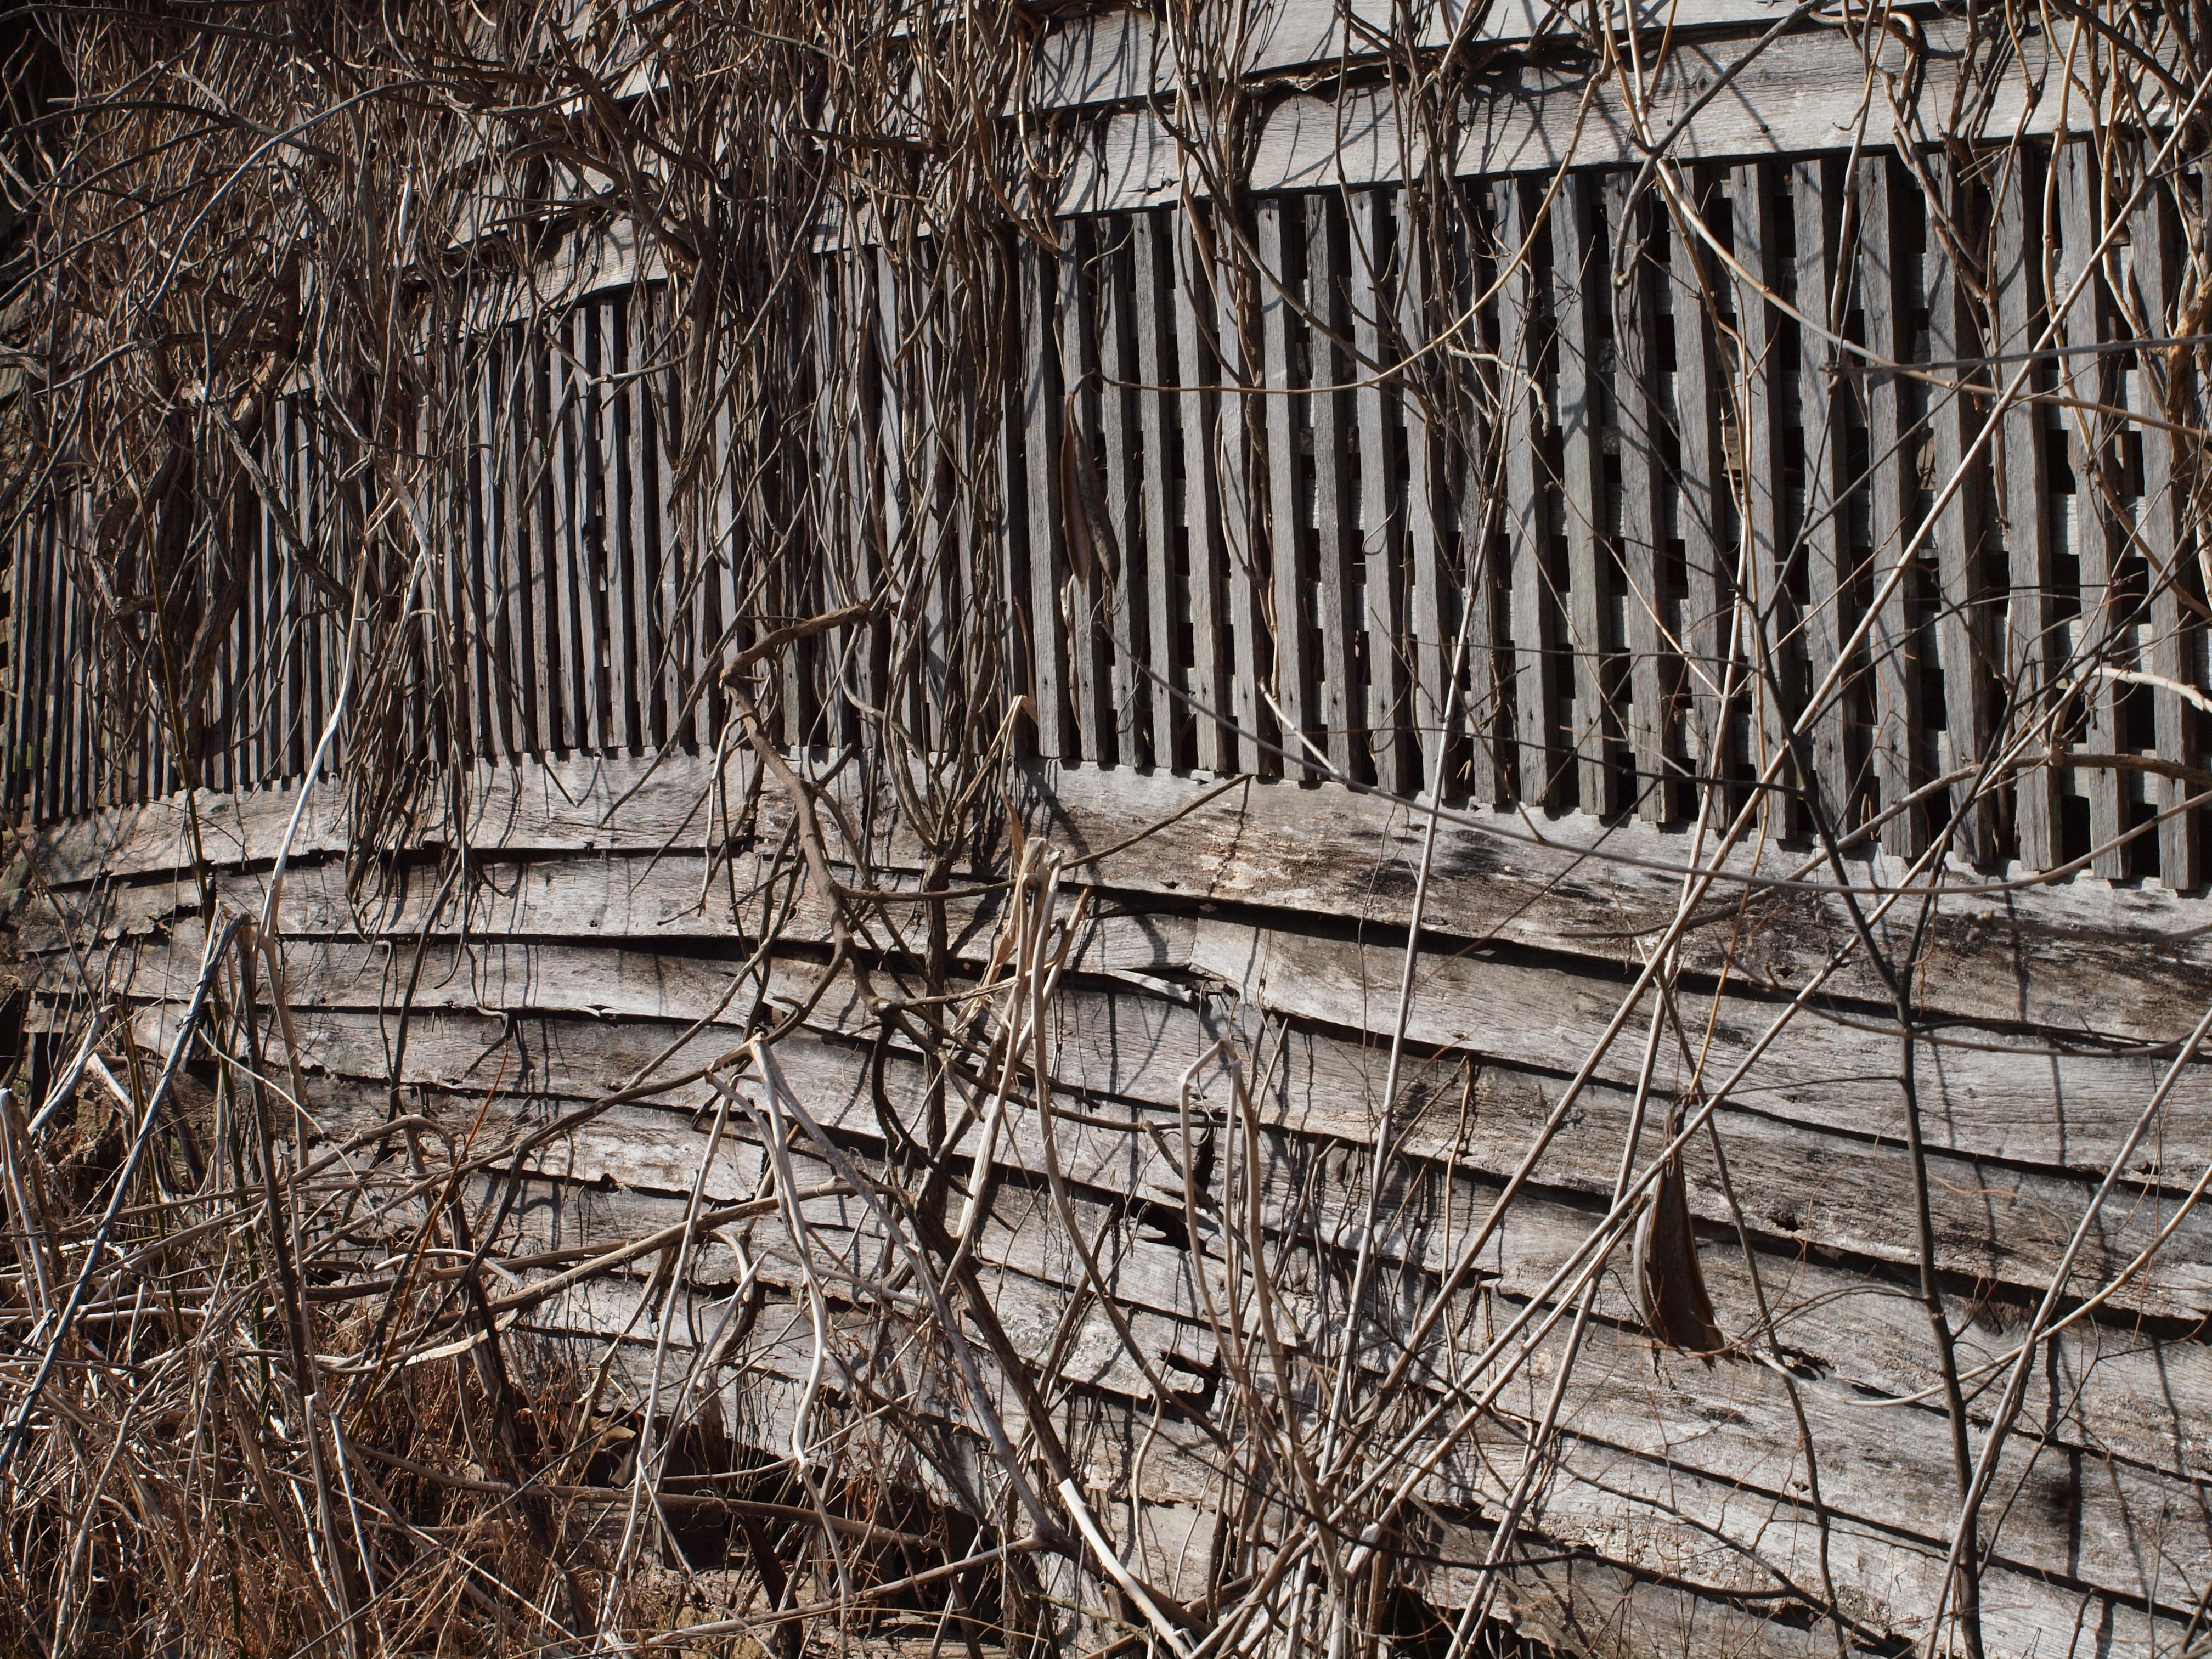 Fotos gratis : árbol, rama, cerca, antiguo, granero, rústico ...